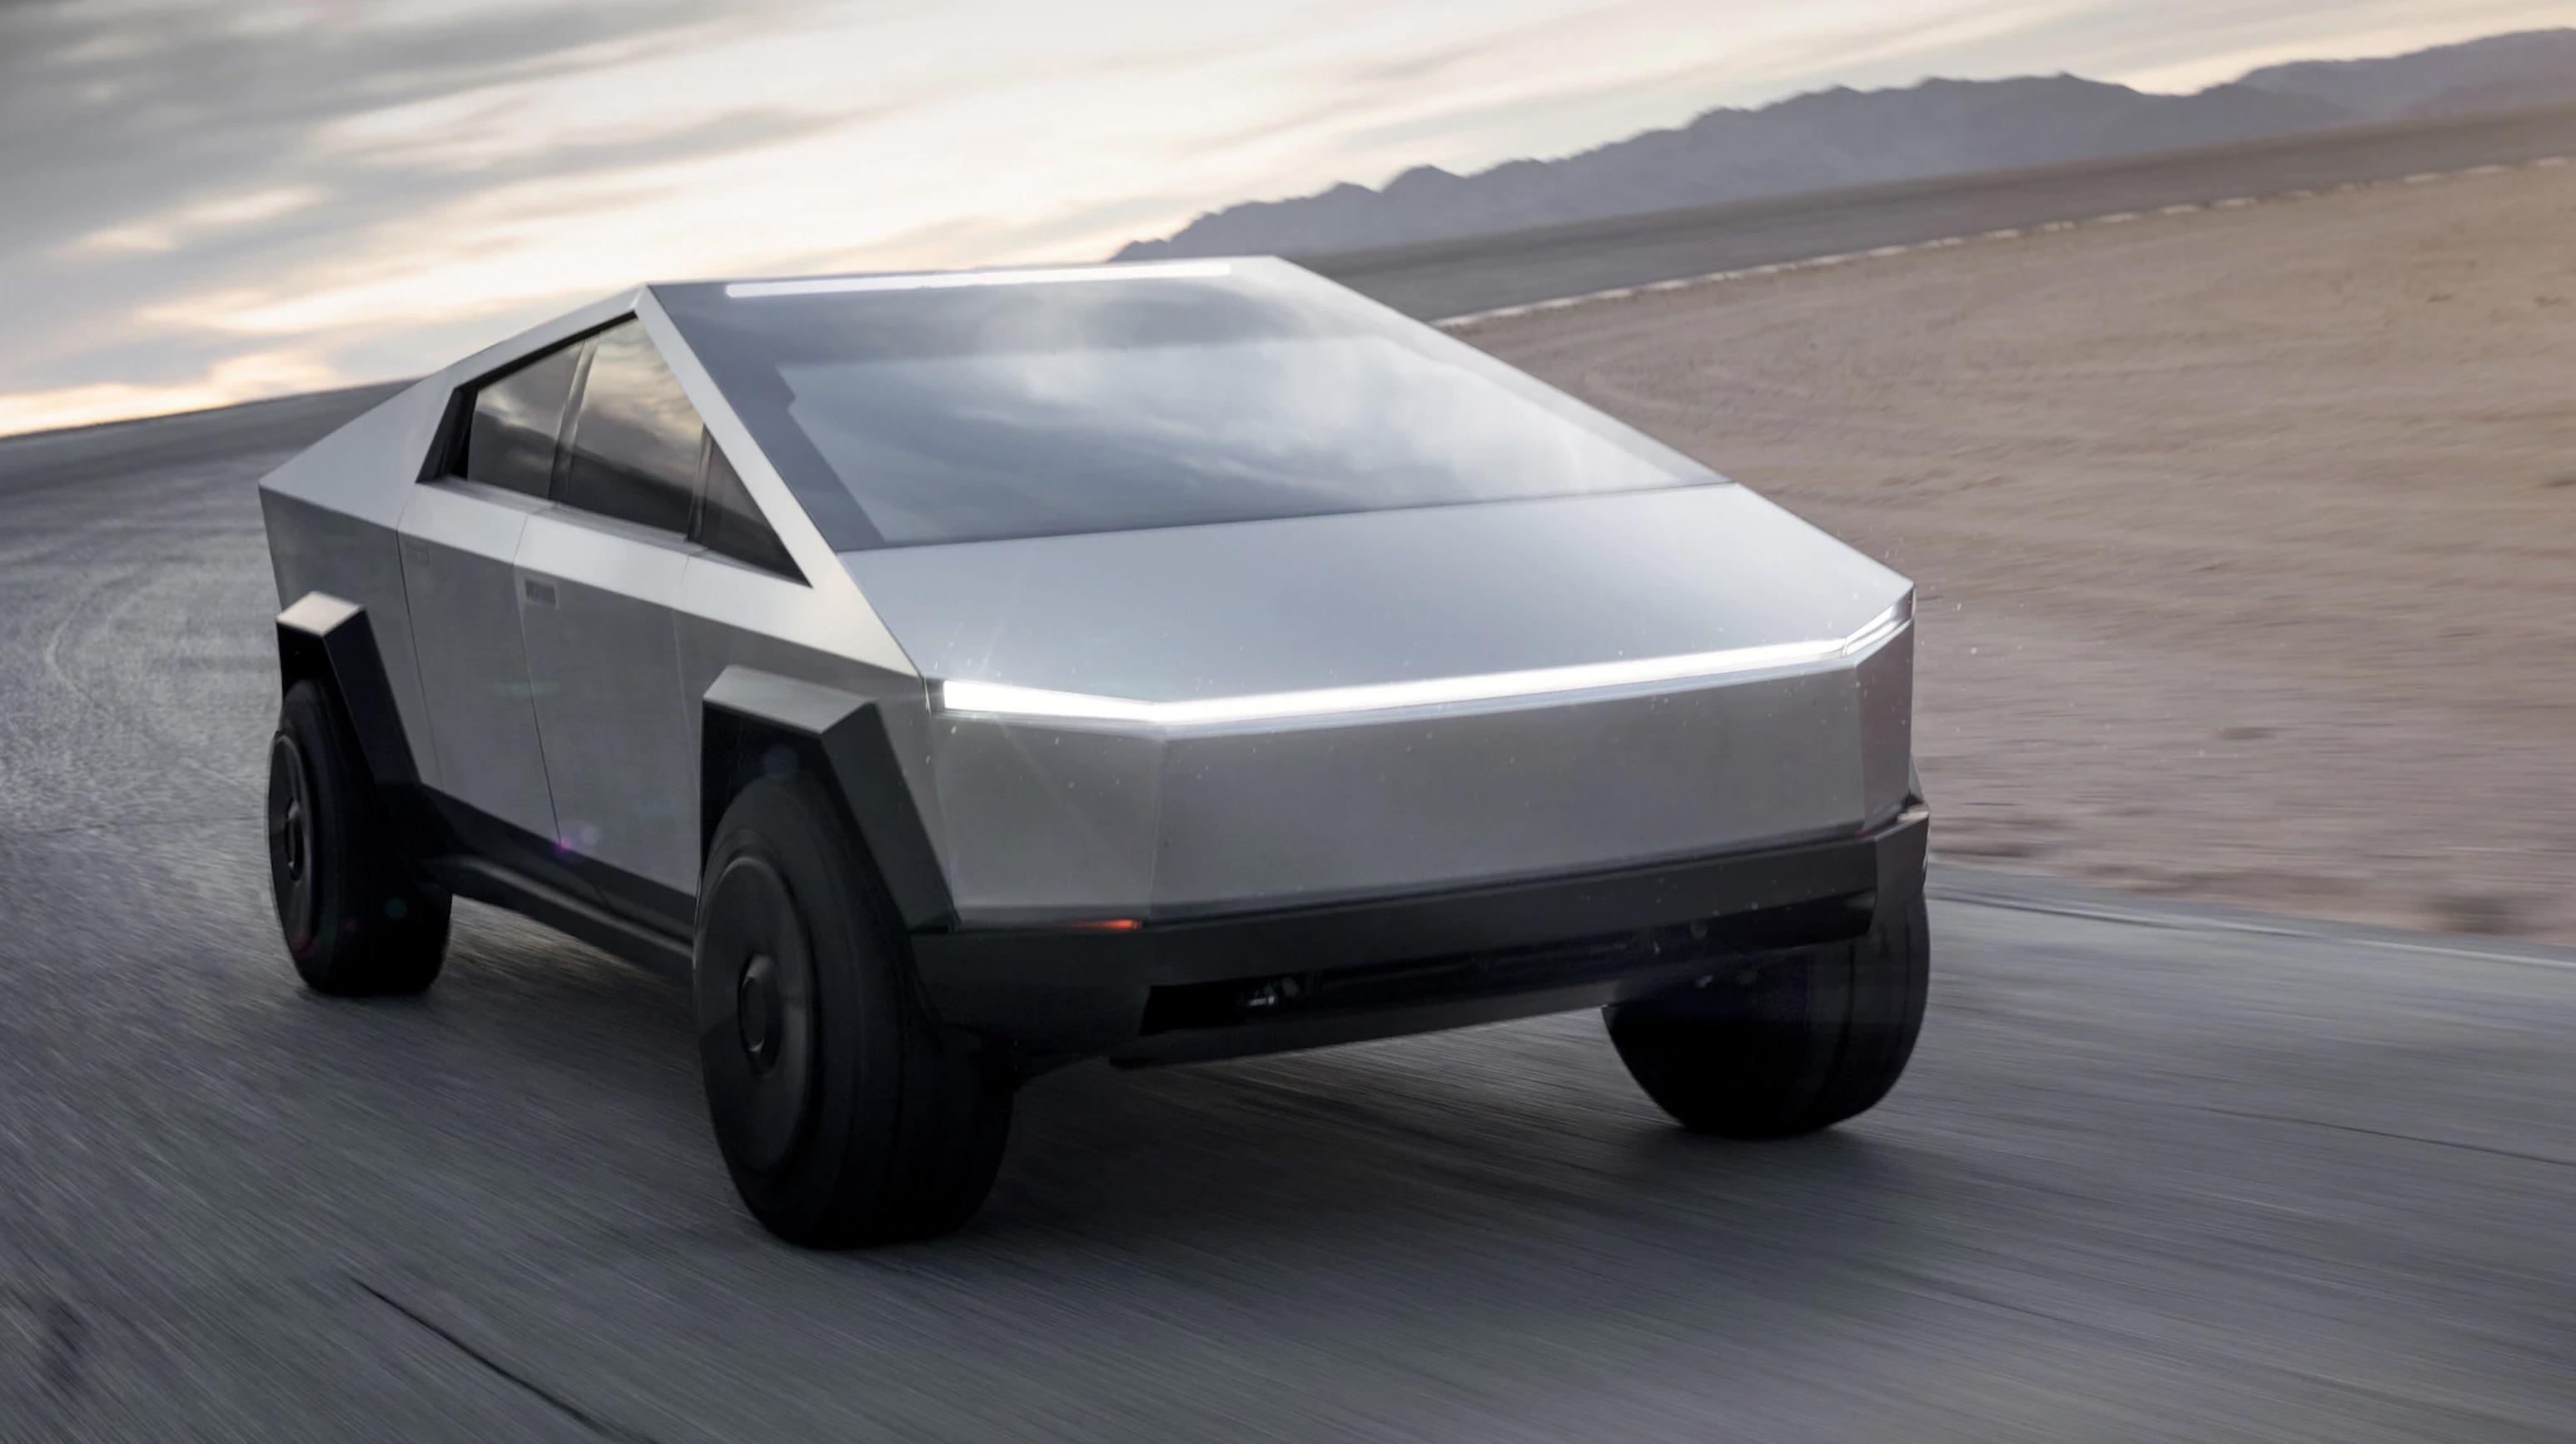 Ecco il Cybertruck, il nuovo pickup elettrico di Tesla